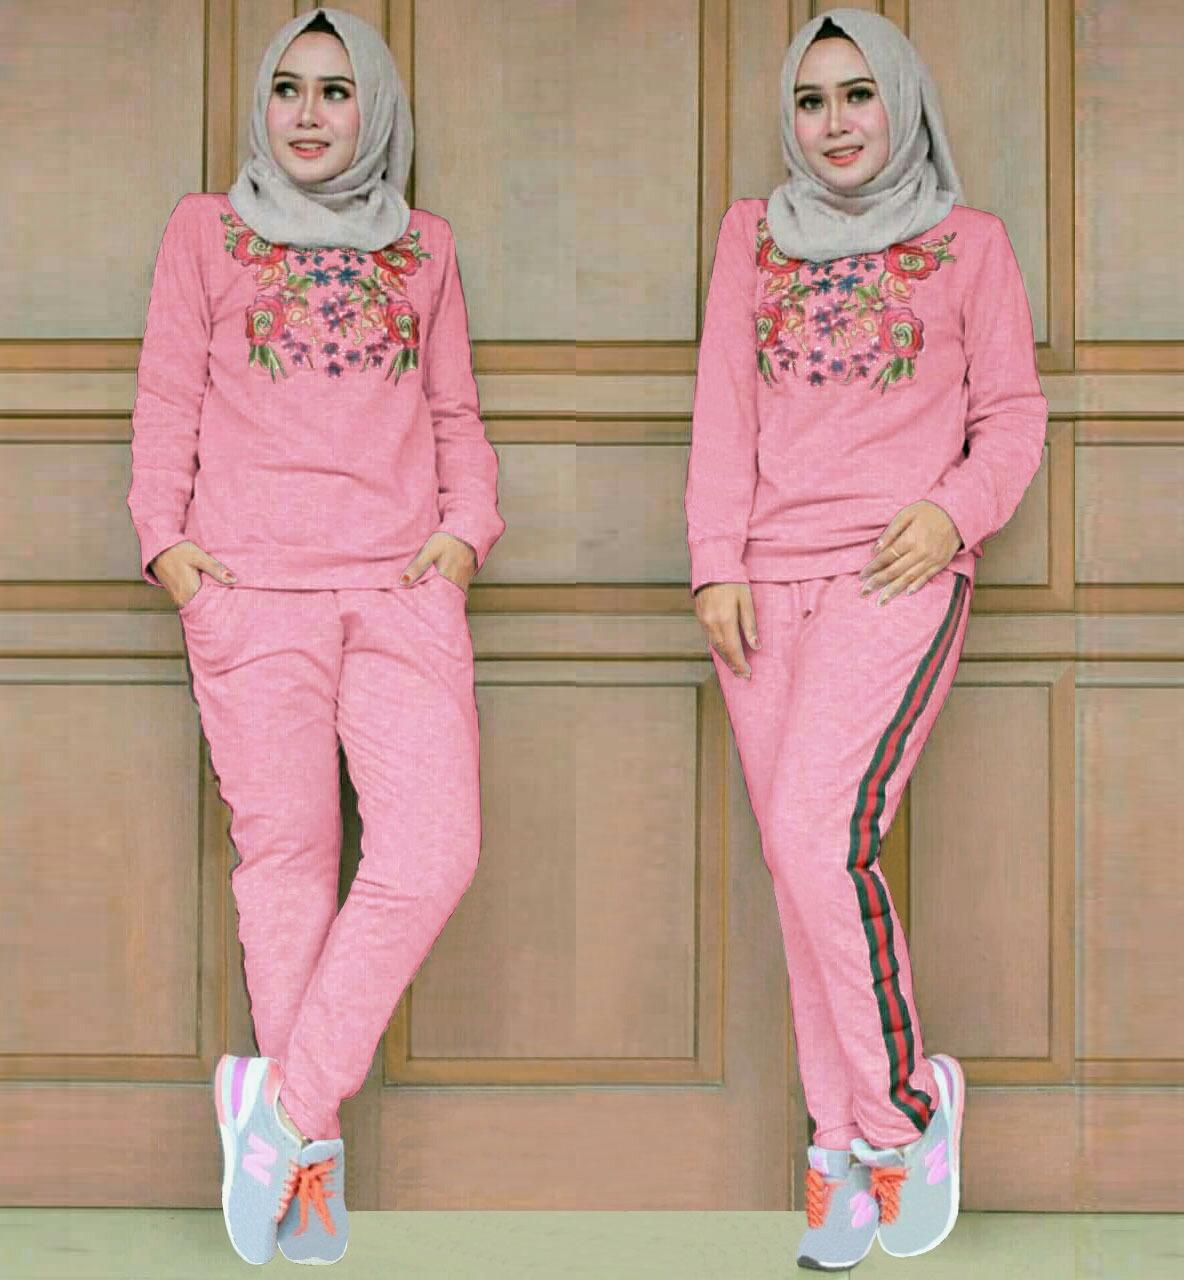 J&C Setelan Training GC / Setelan Baju Olahraga Wanita / Baju Training / Training Muslim / Baju Santai Wanita